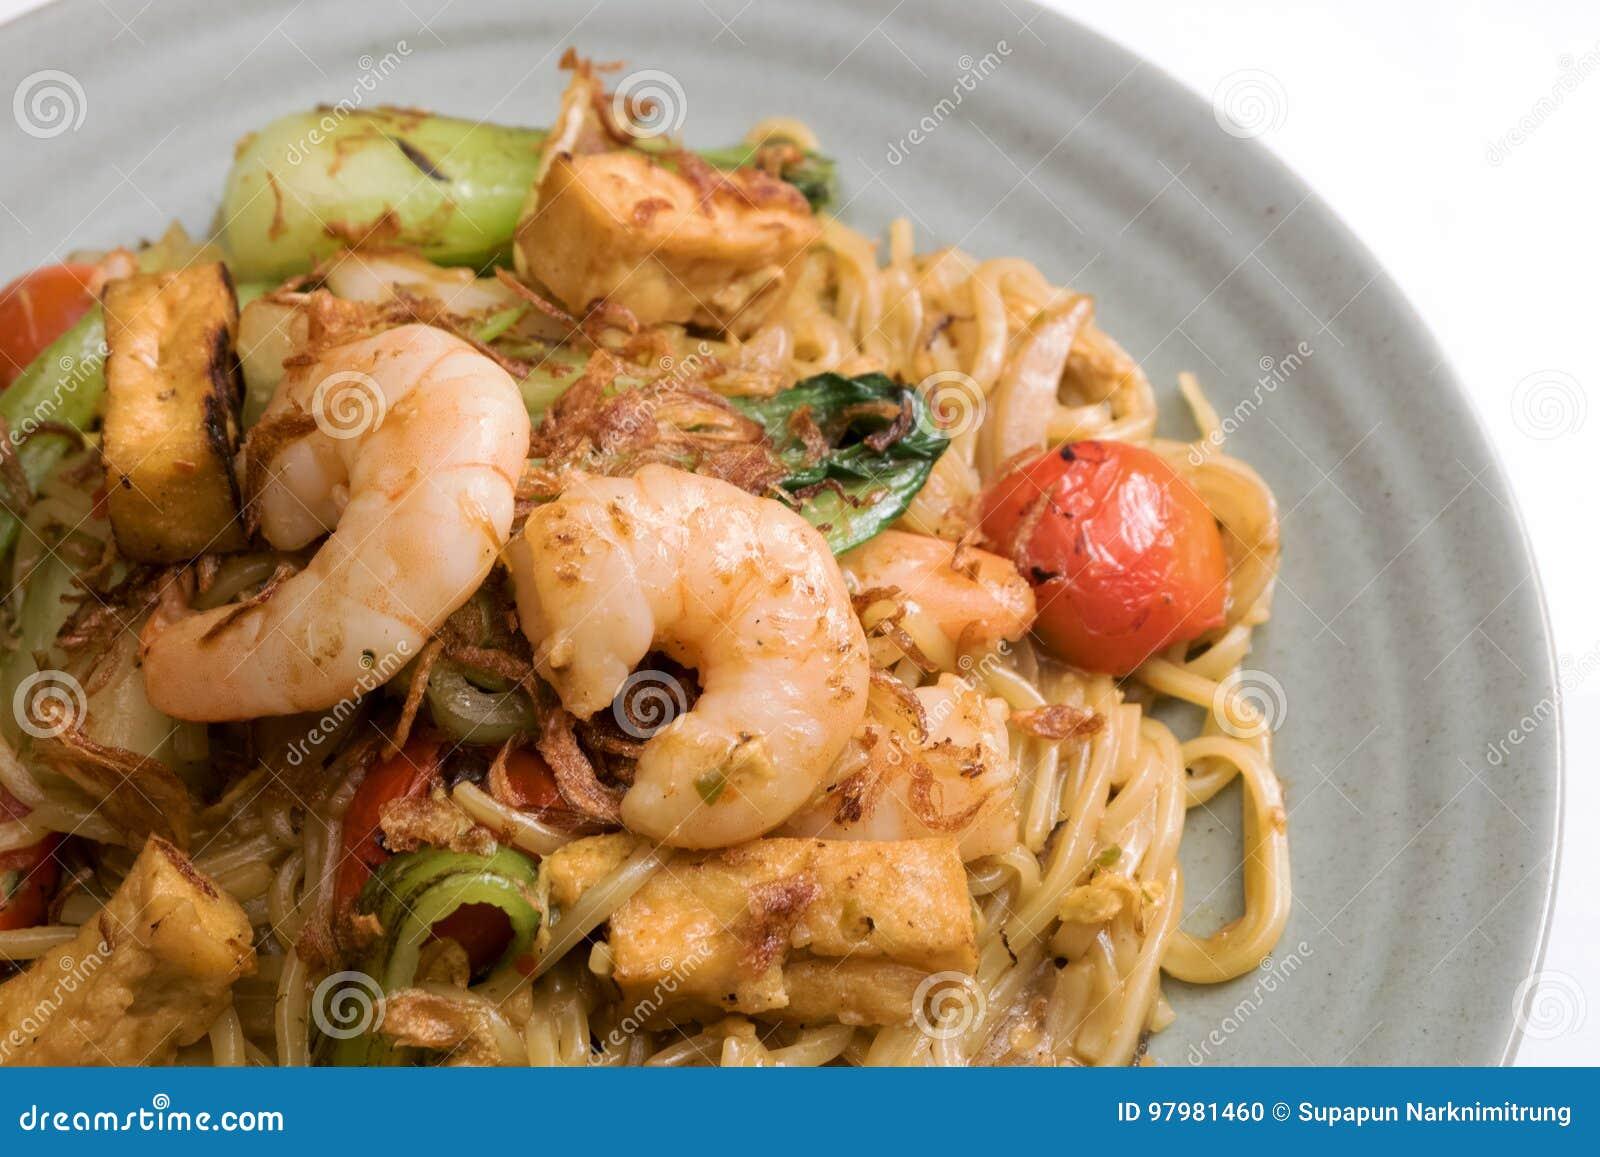 Mie goreng, τηγανισμένο κίτρινο νουντλς γαρίδων διάσημο ινδονησιακό πικάντικο πιάτο γαρίδων κρεμμυδιών κρεμμυδιών σκόρδου αυγών ν